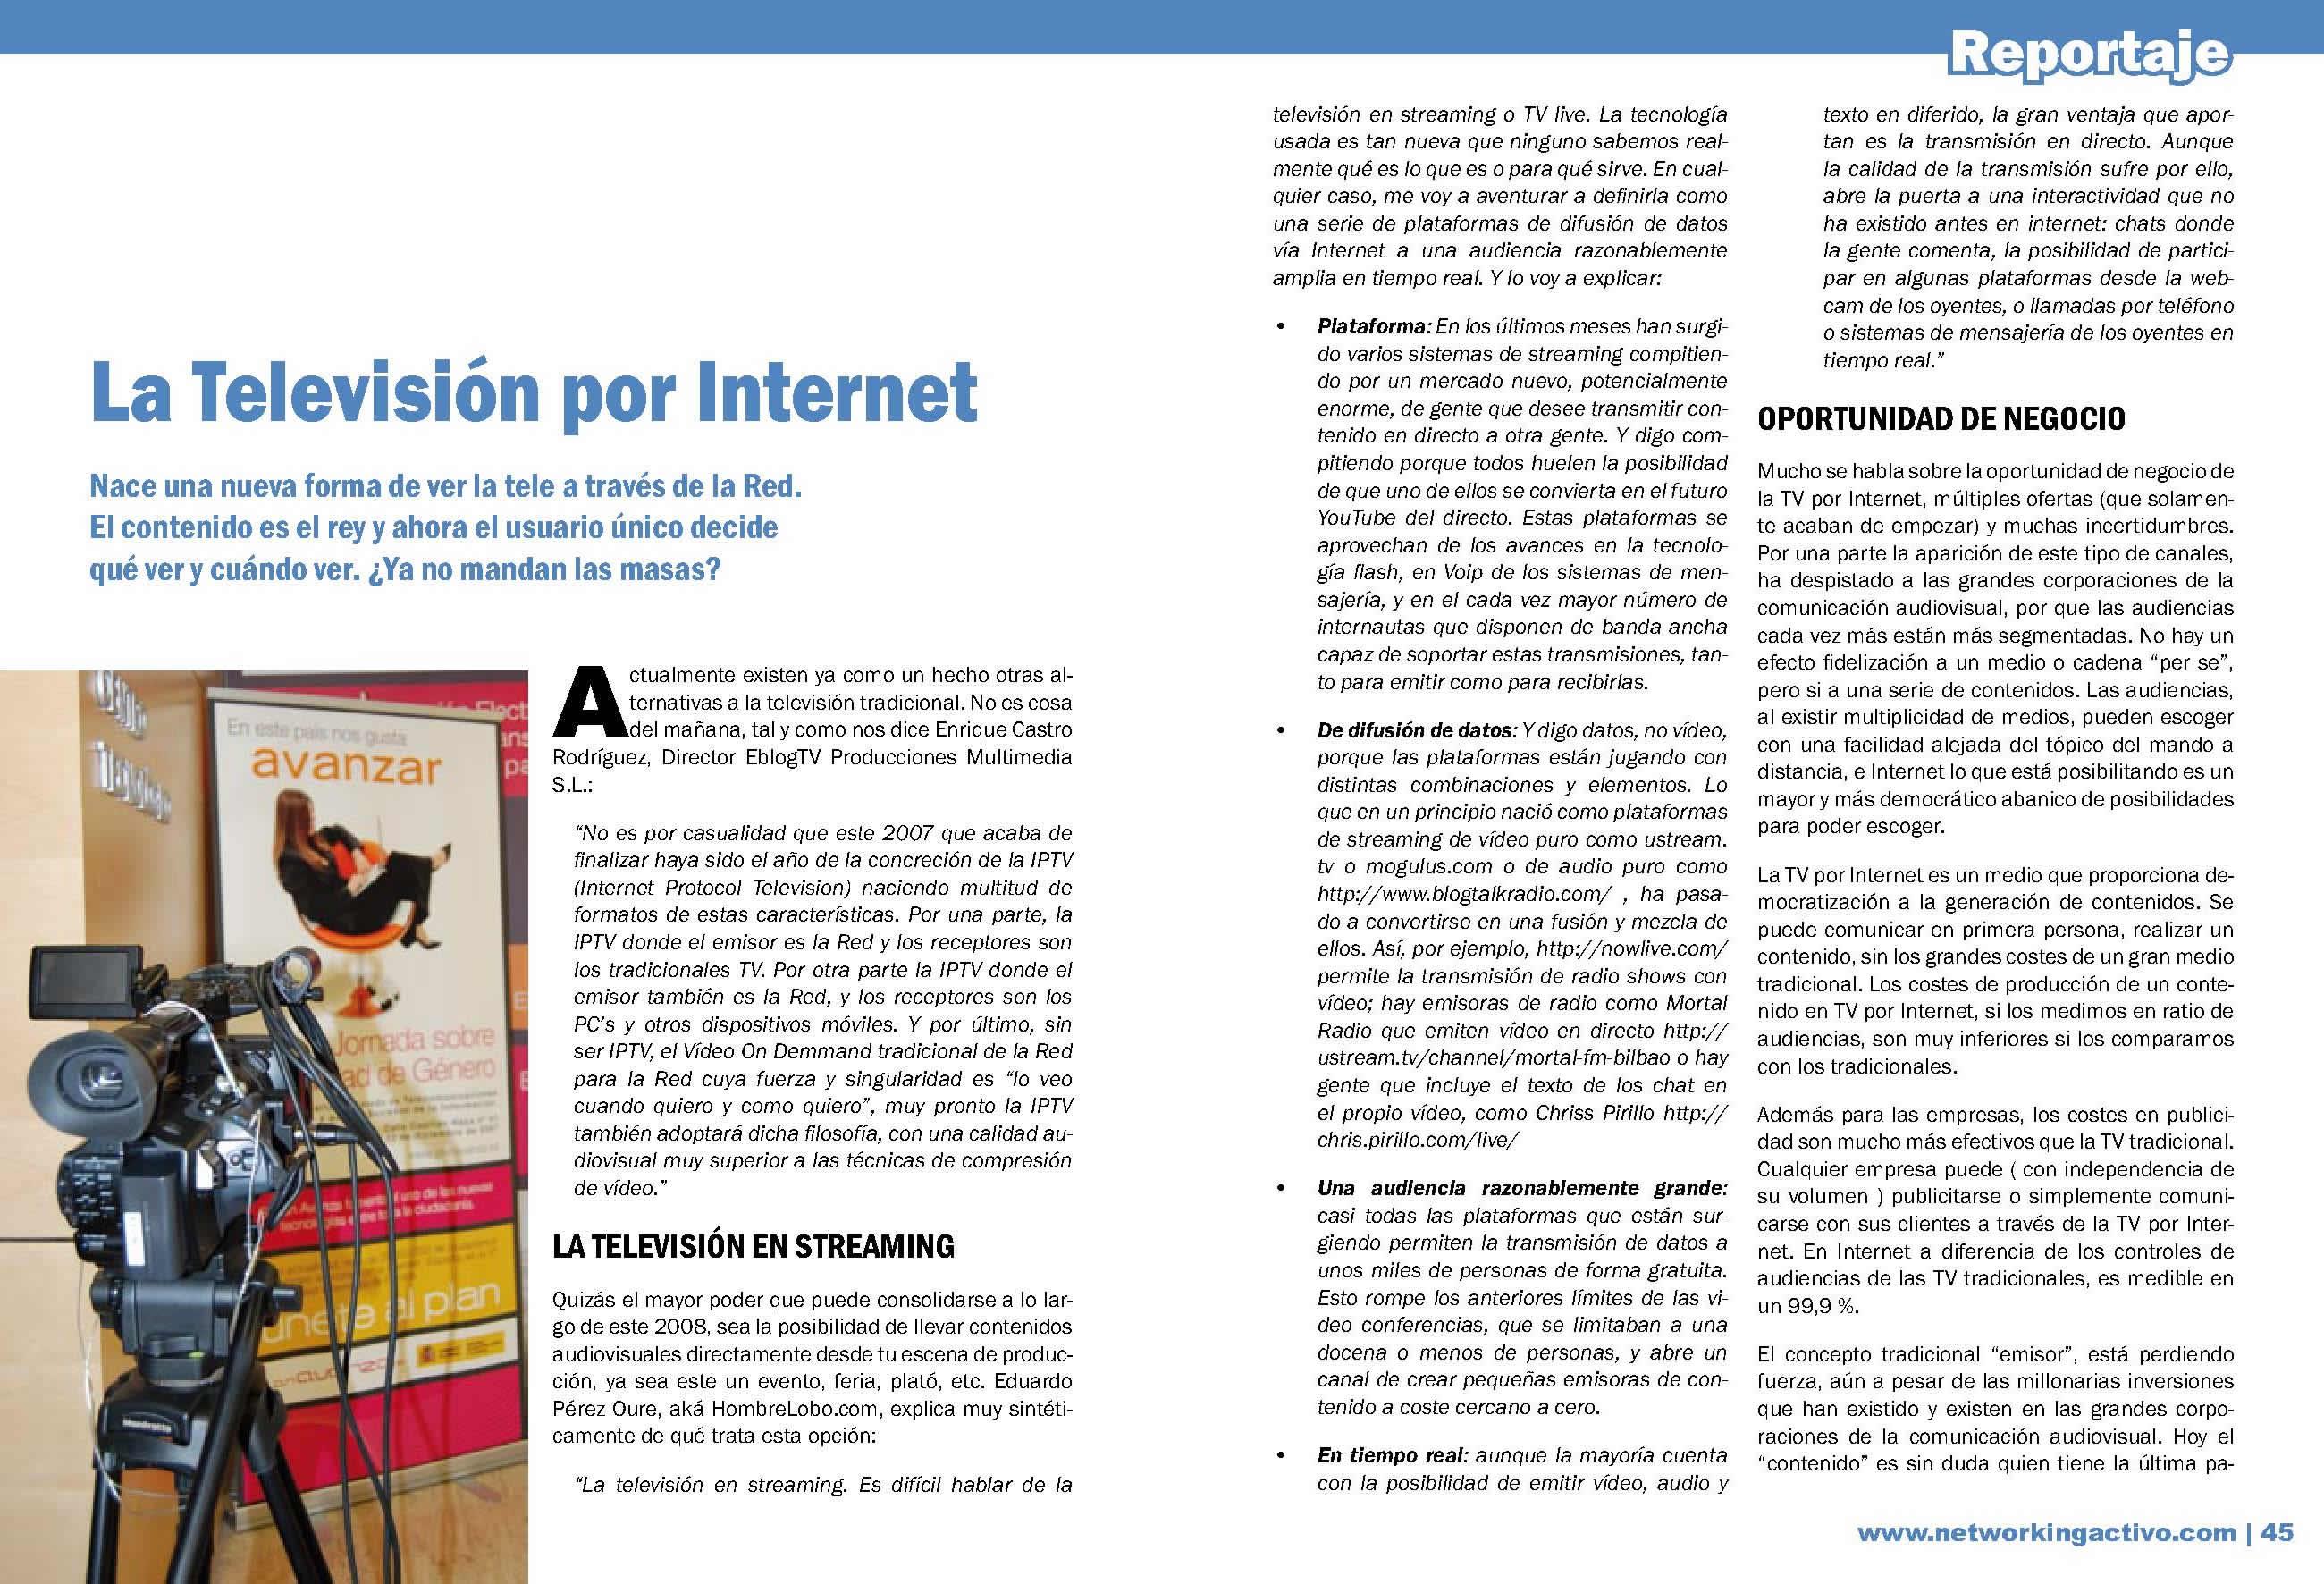 La televisión por internet I